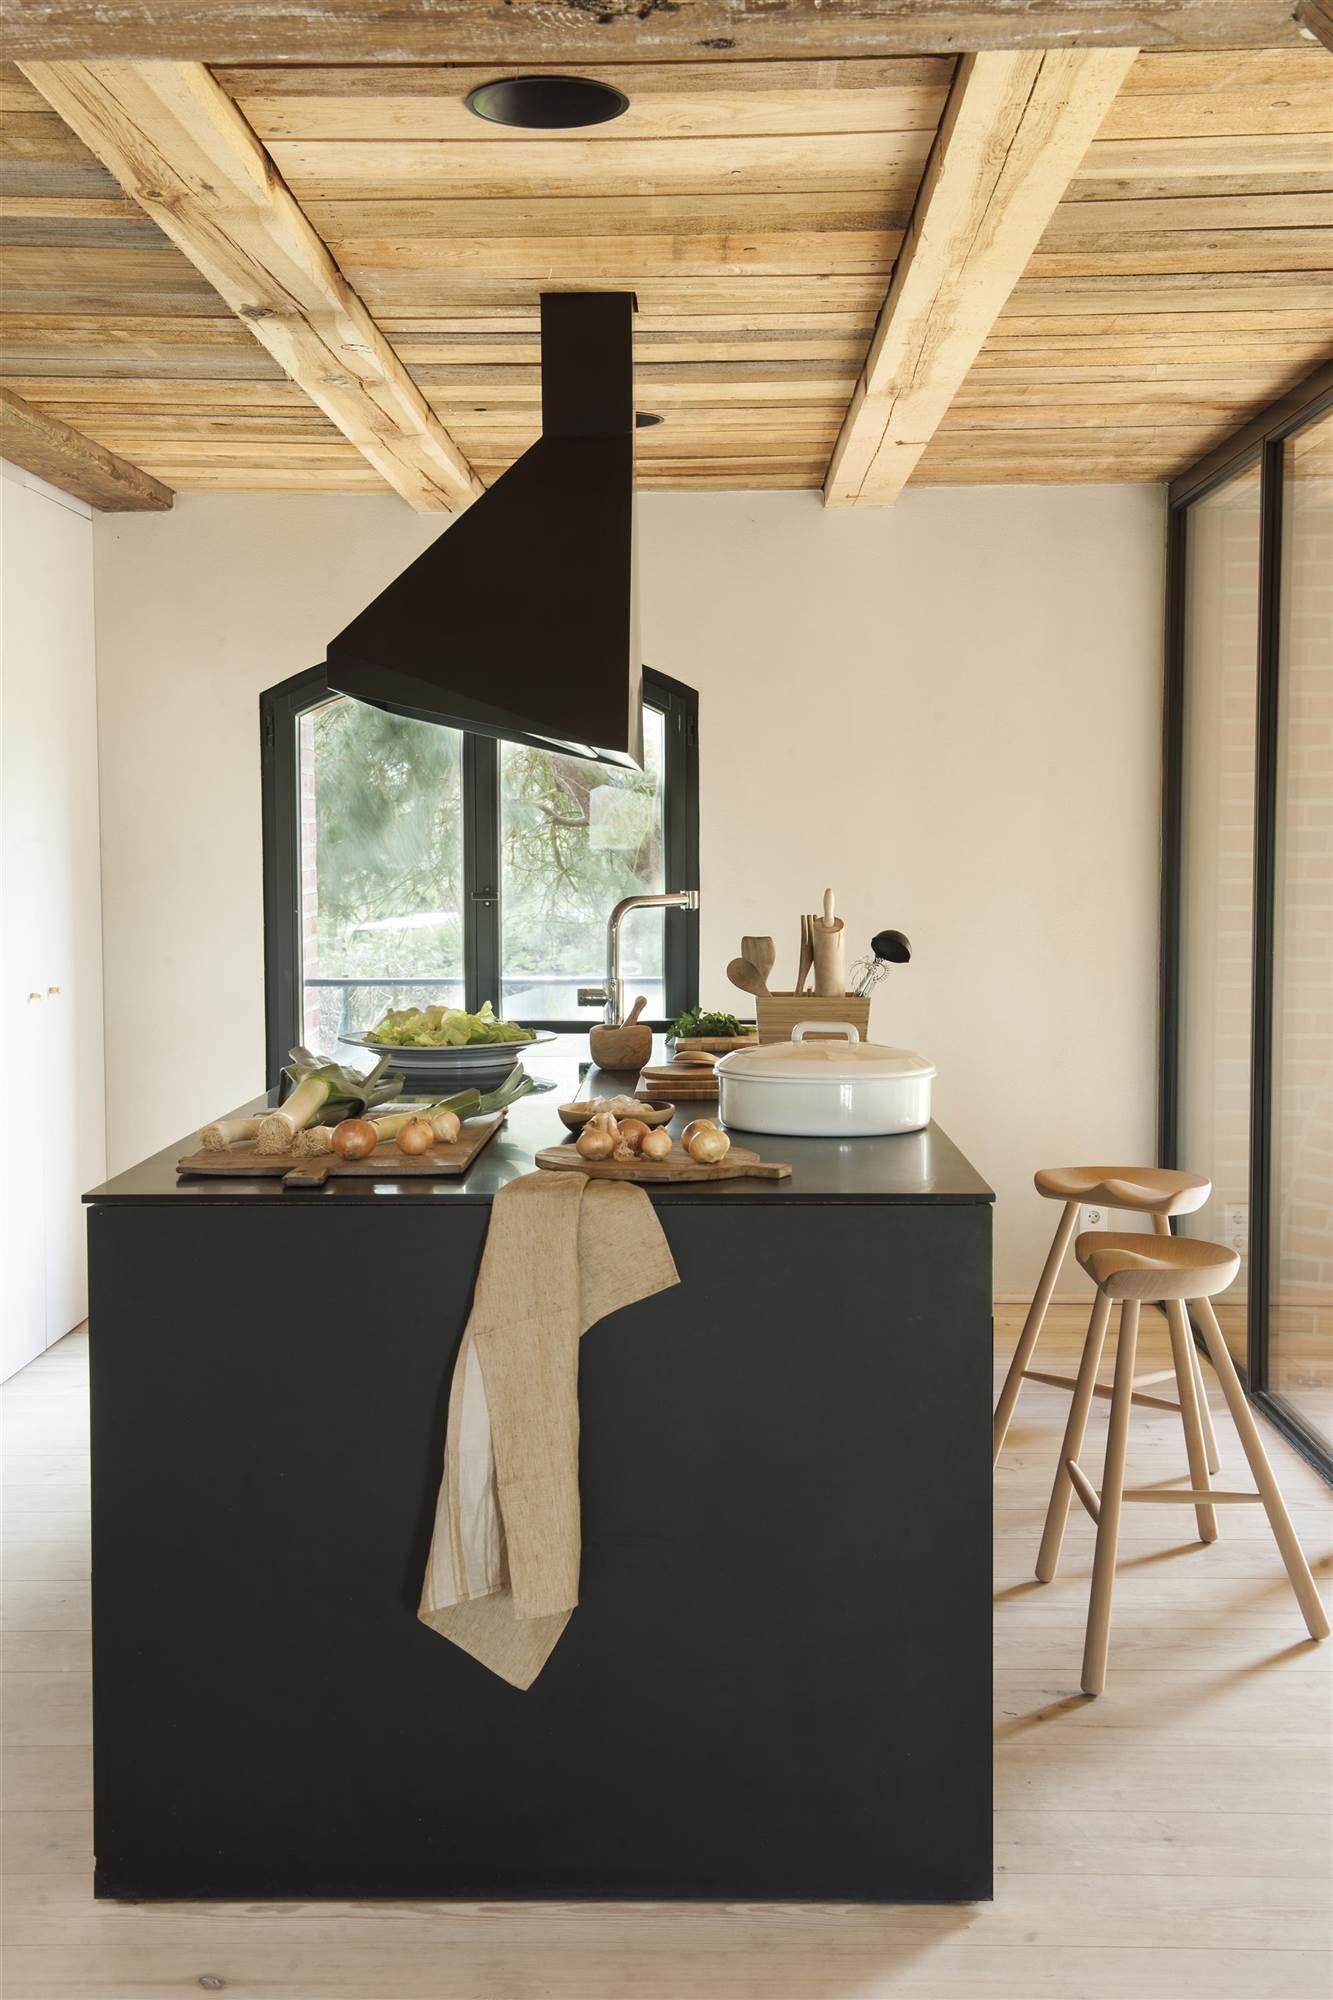 Muebles En Pareja Con Que Color Combina Mejor La Madera